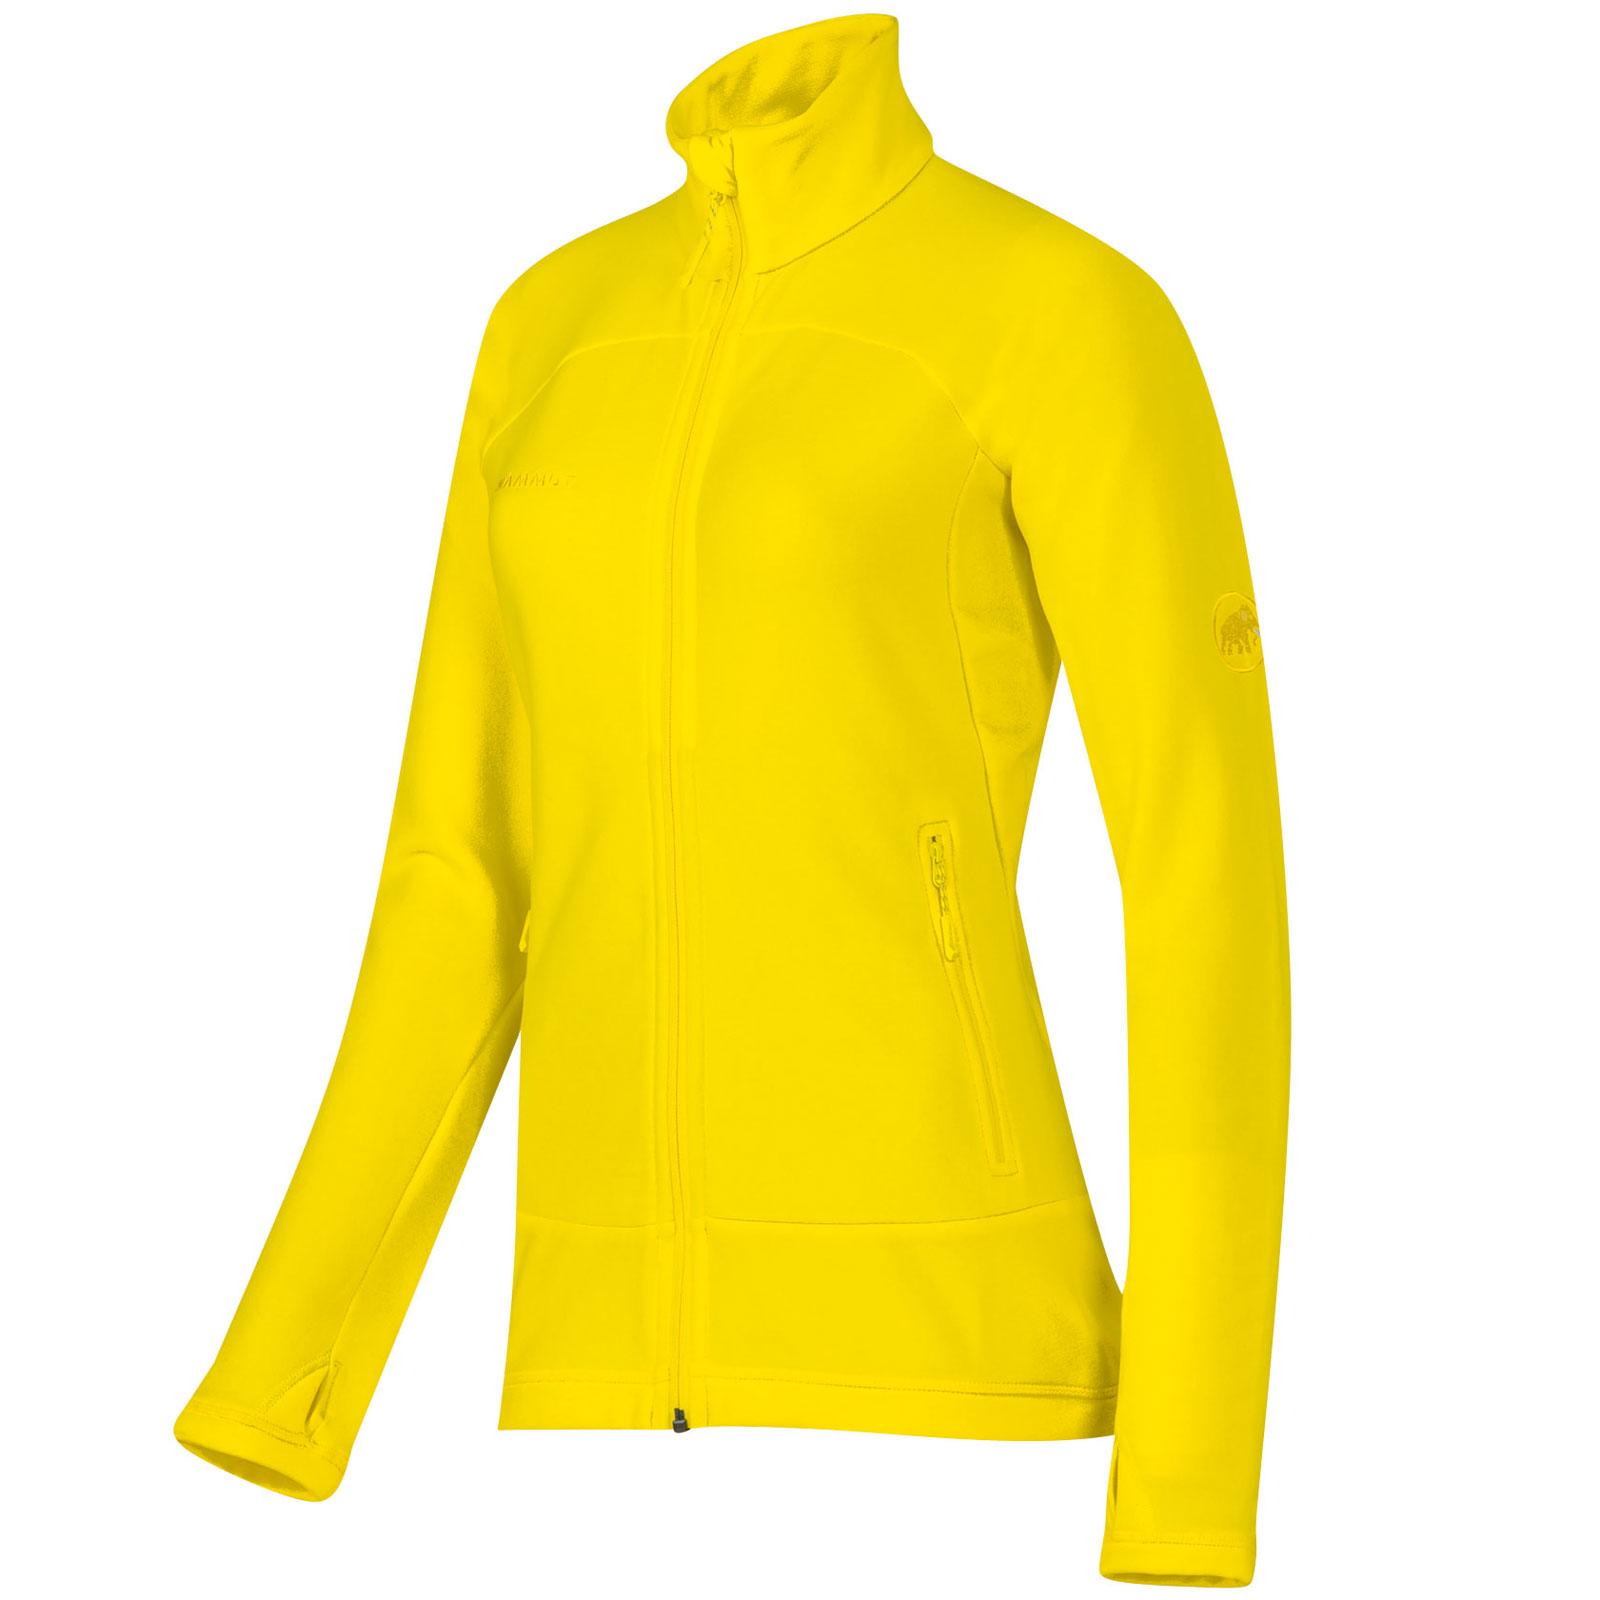 promo code 8a582 53662 Mammut Damen Skitourenjacke Aconcagua Jacket gelb